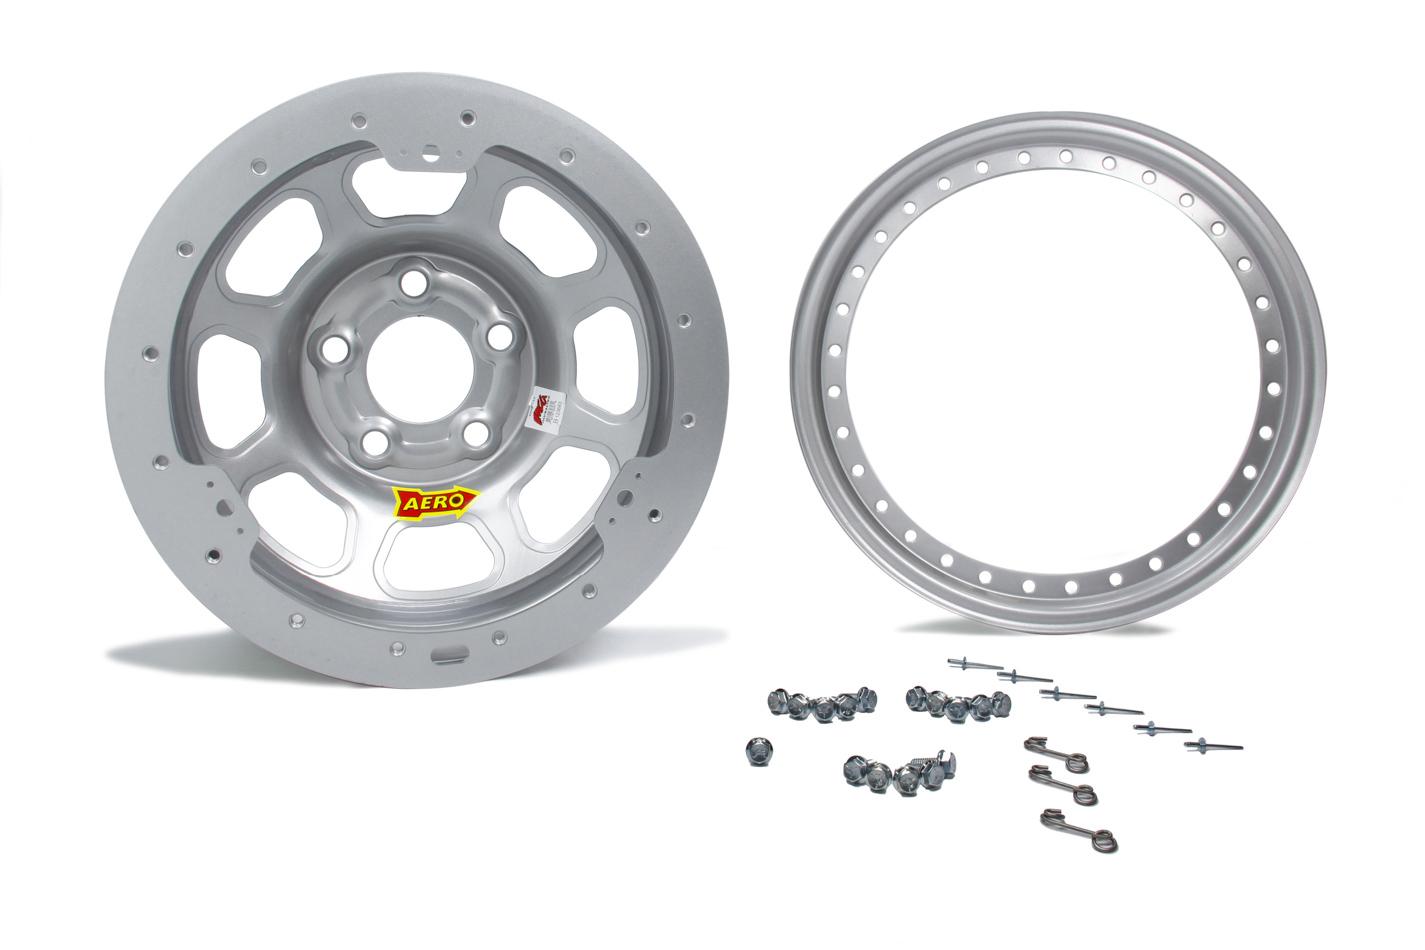 Aero 53-084740S Wheel, 53-Series, 15 x 8 in, 4.000 in Backspace, 5 x 4.75 in Bolt Pattern, Beadlock, Steel, Silver Powder Coat, Each